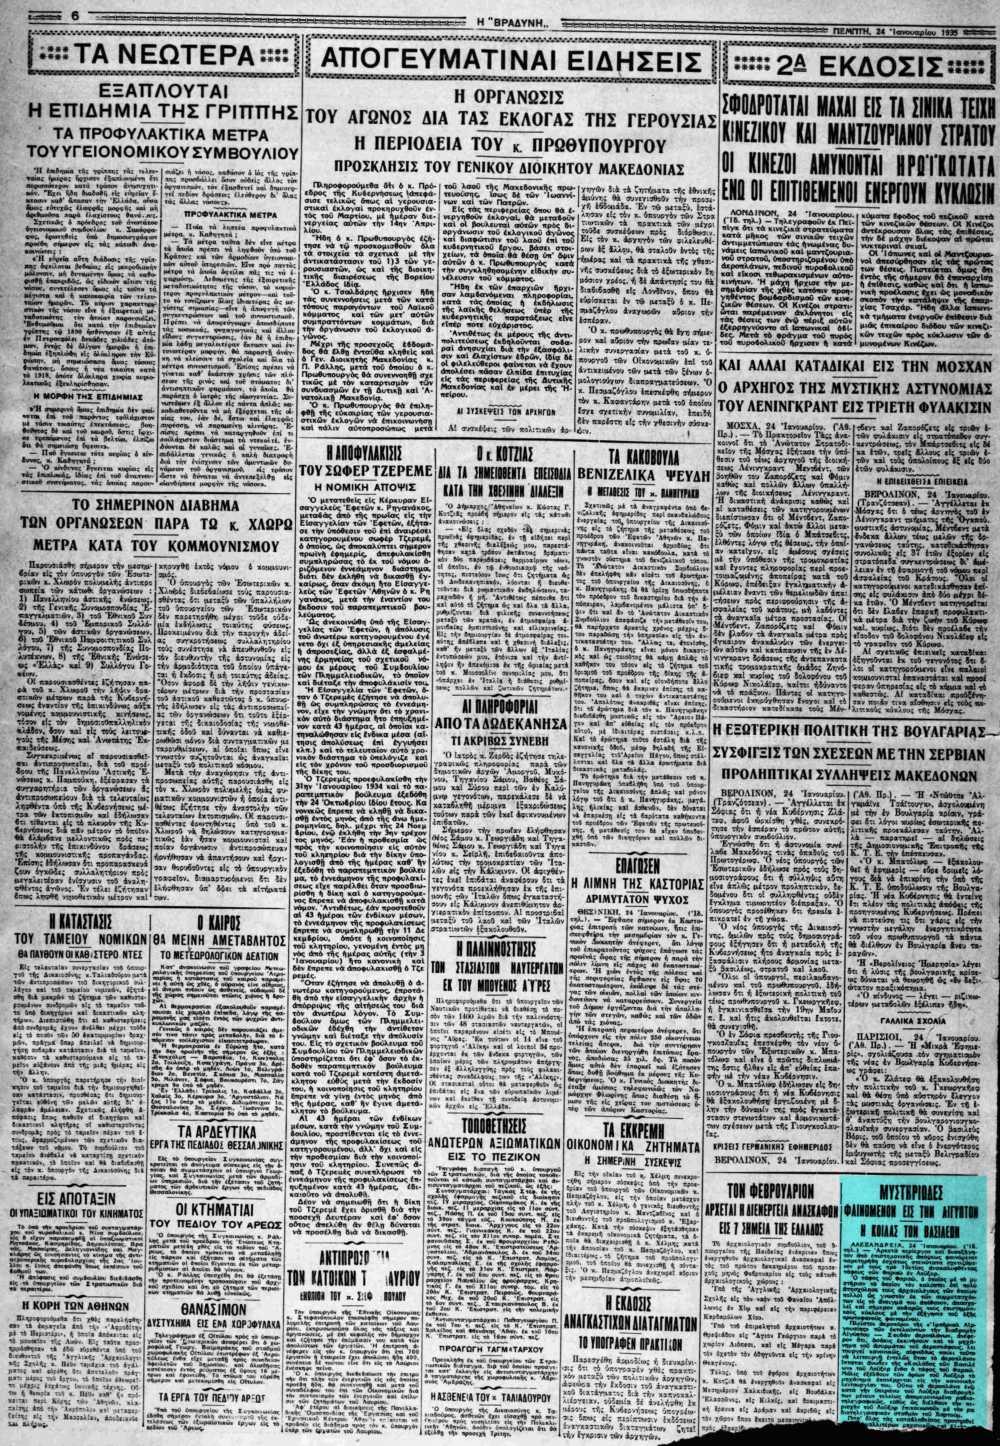 """Το άρθρο, όπως δημοσιεύθηκε στην εφημερίδα """"Η ΒΡΑΔΥΝΗ"""", στις 24/01/1935"""